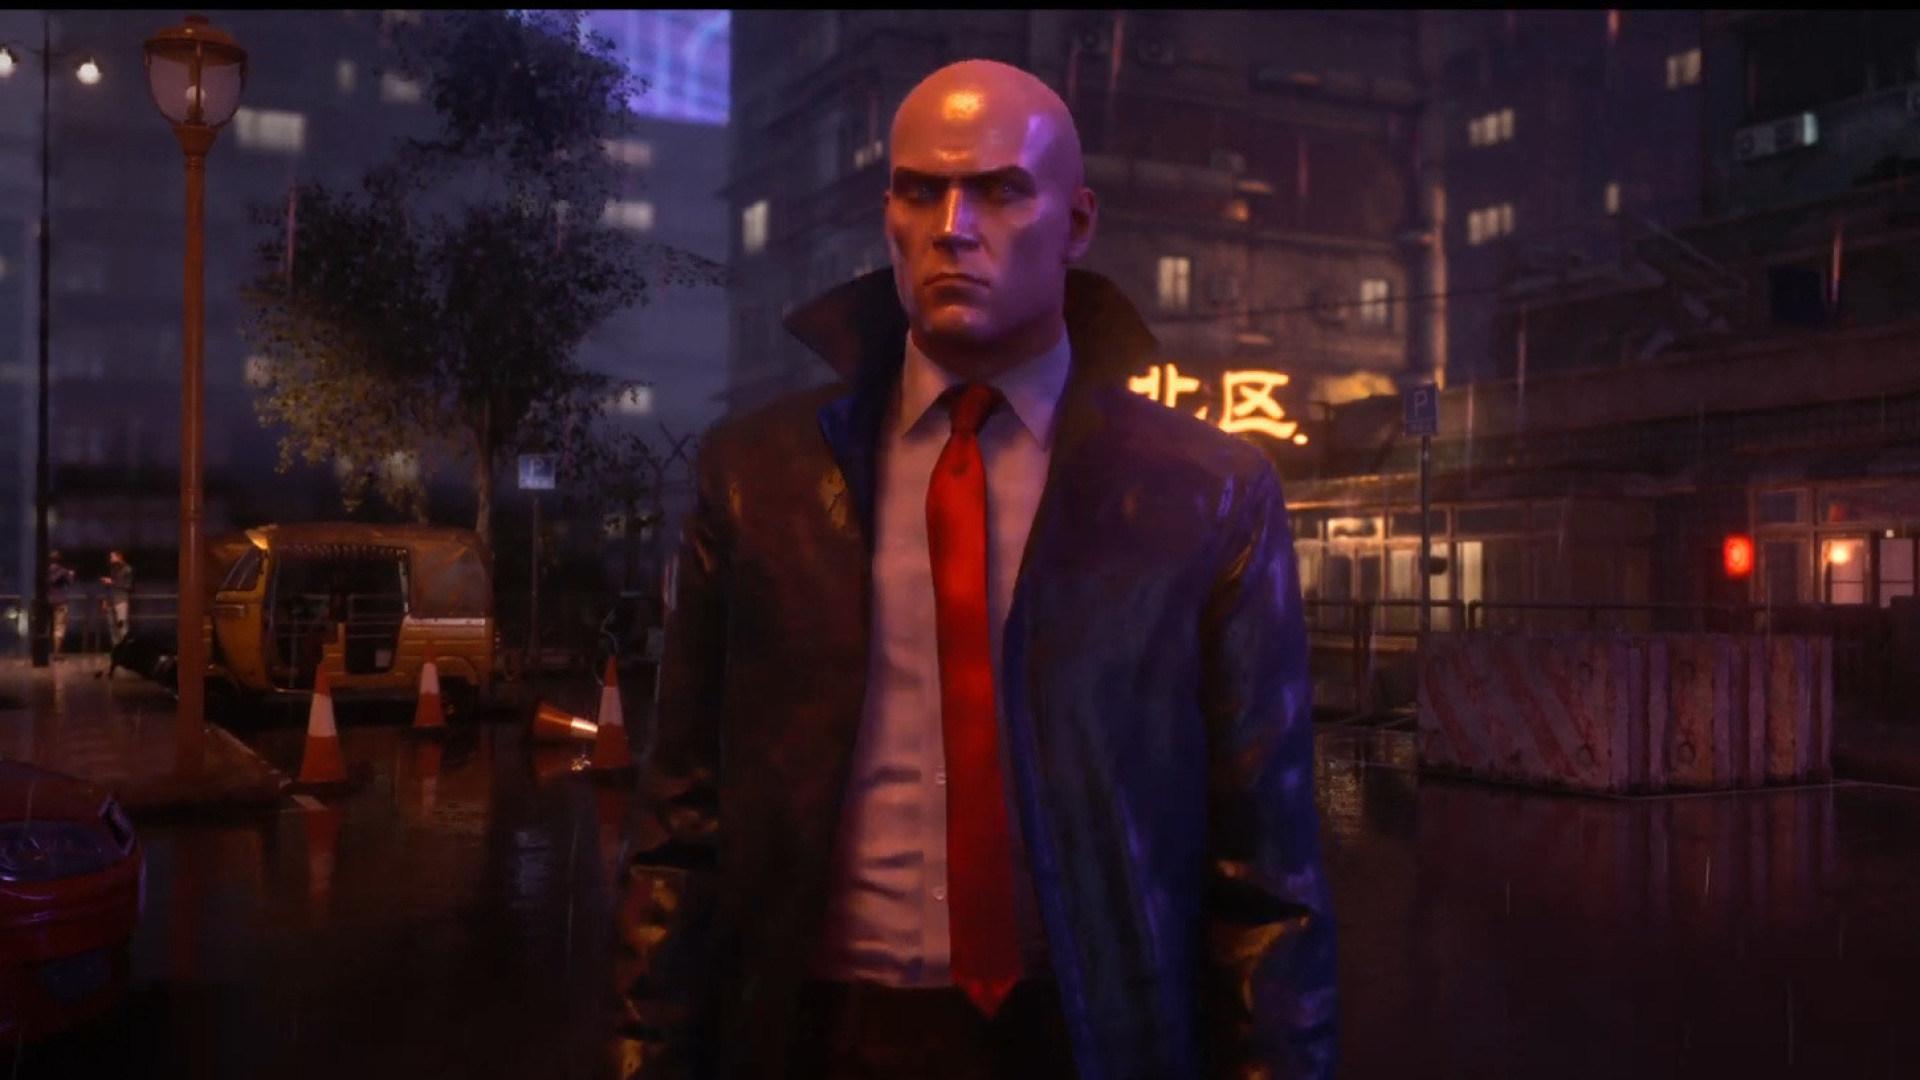 Trailer, Square Enix, Hitman, Agent 47, IO Interactive, Hitman 3